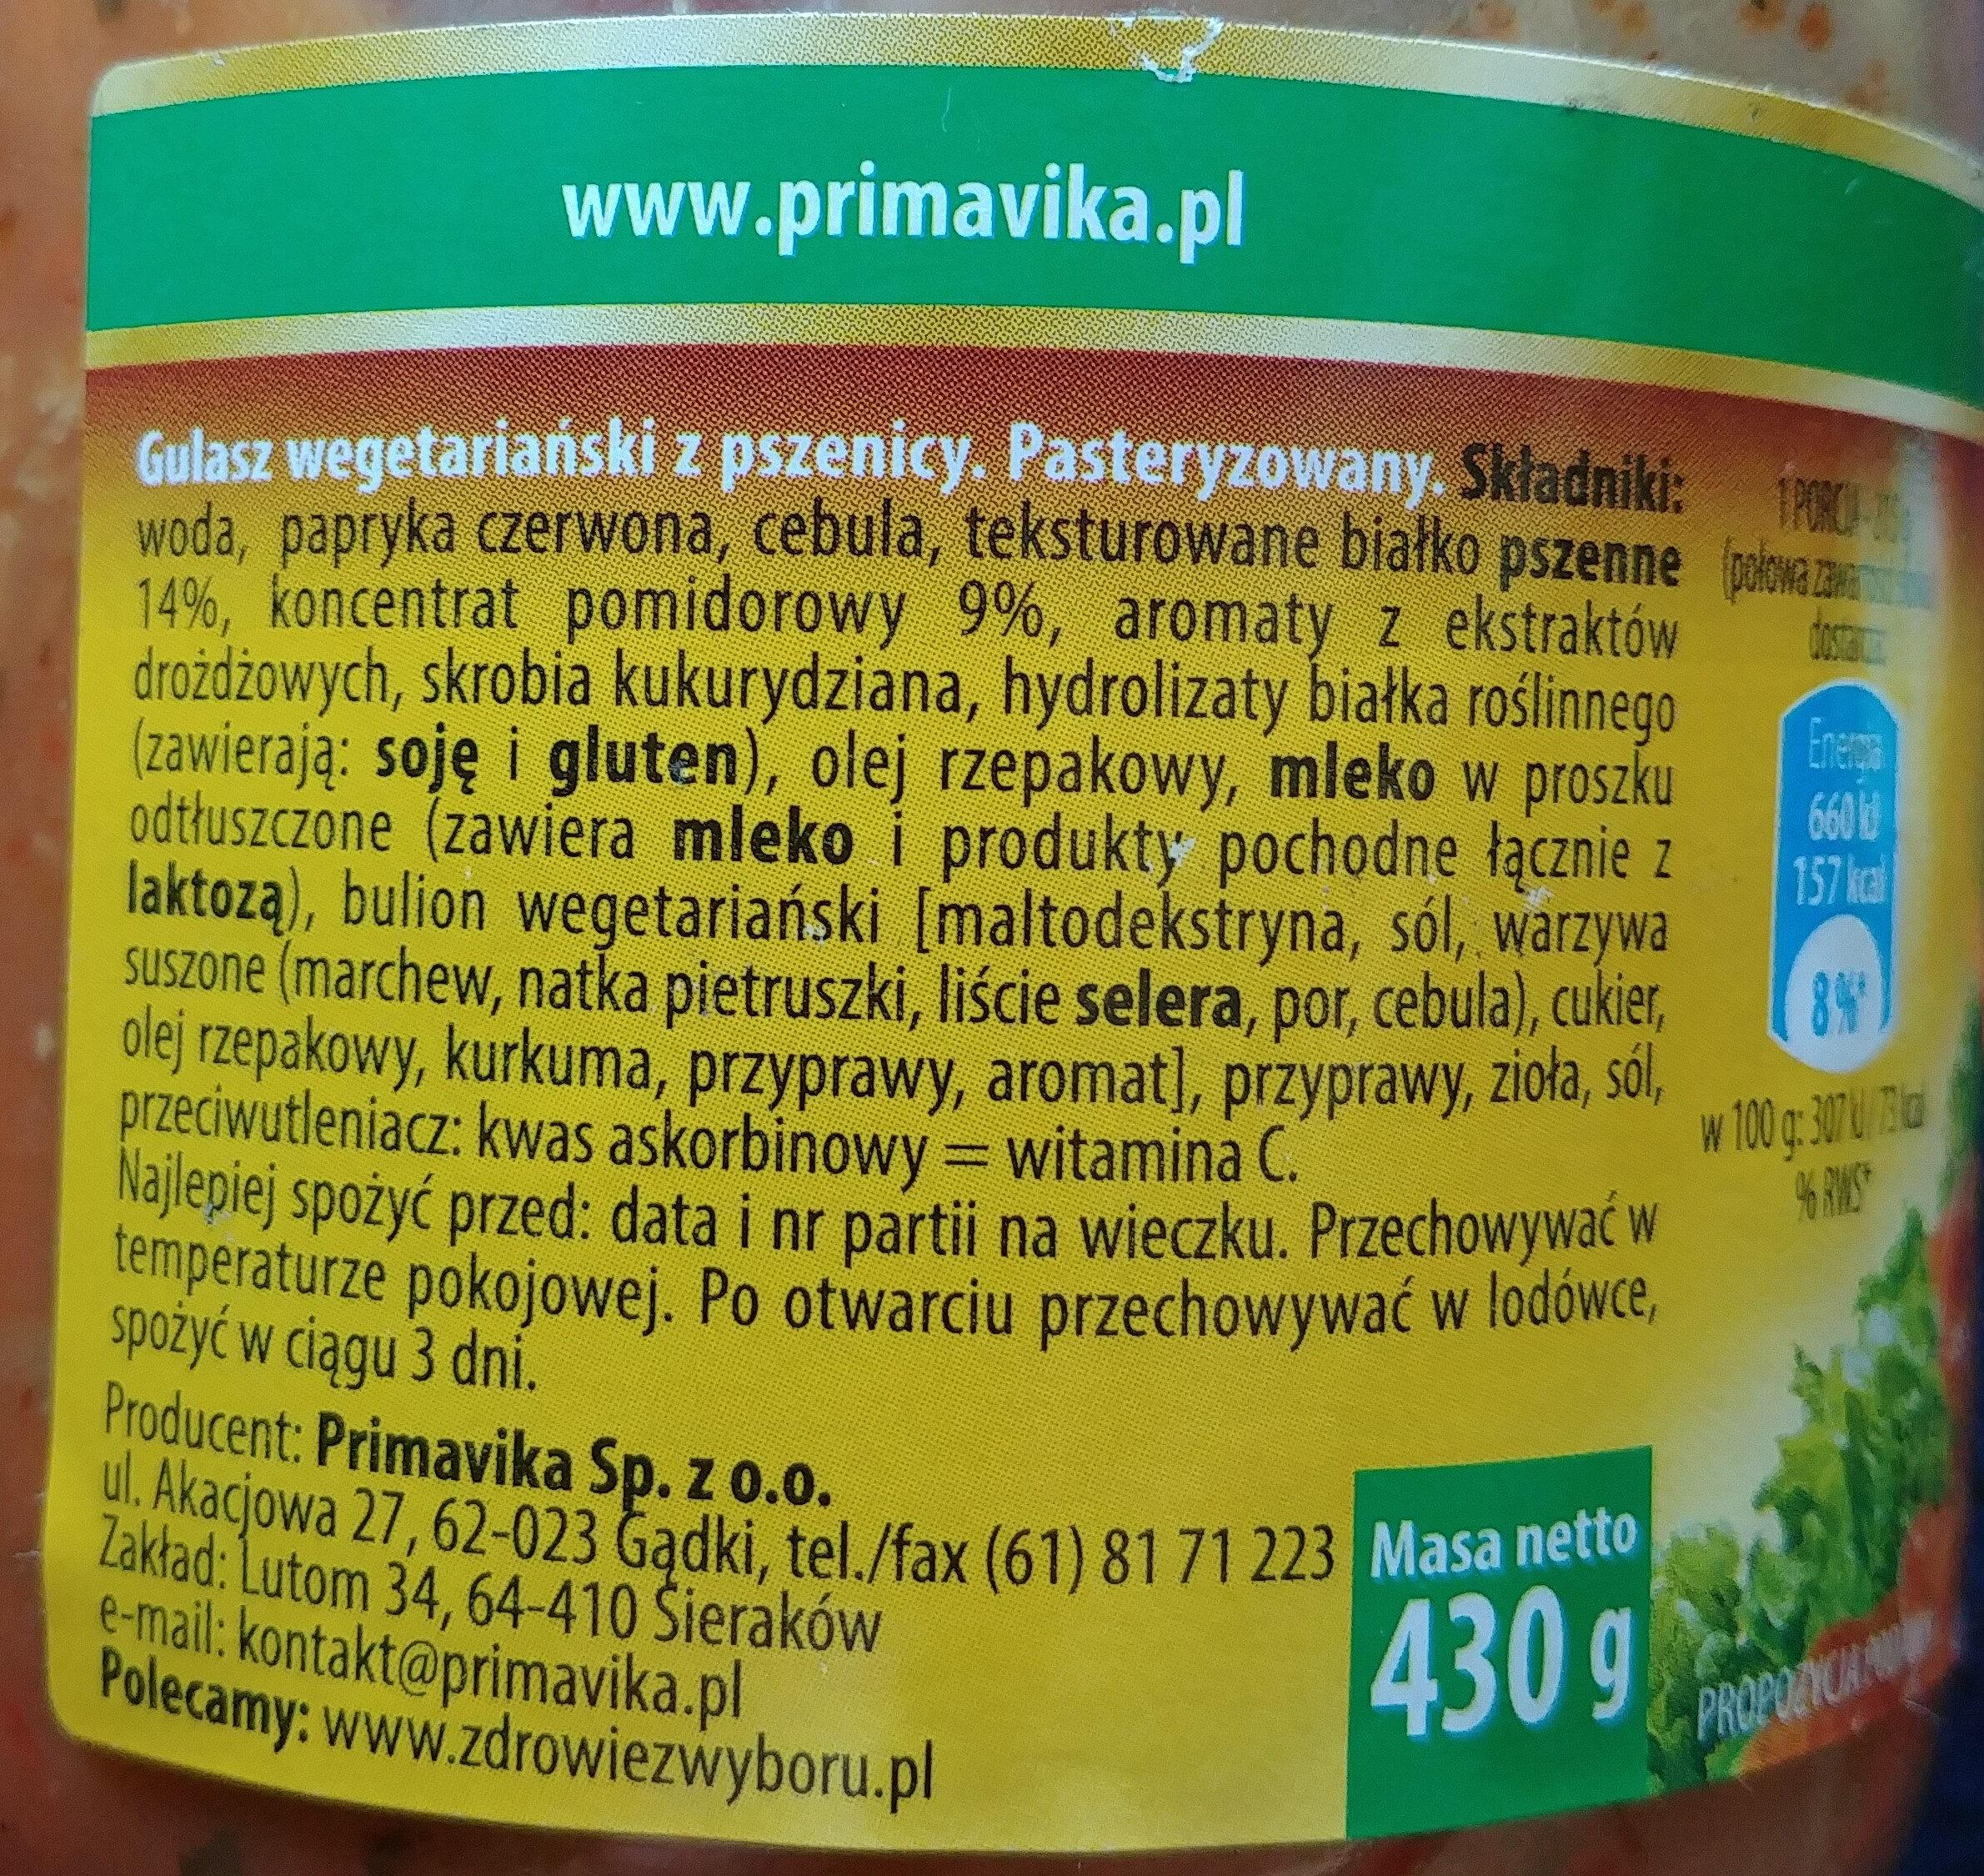 Gulasz wegetariański z pszenicy - Składniki - pl